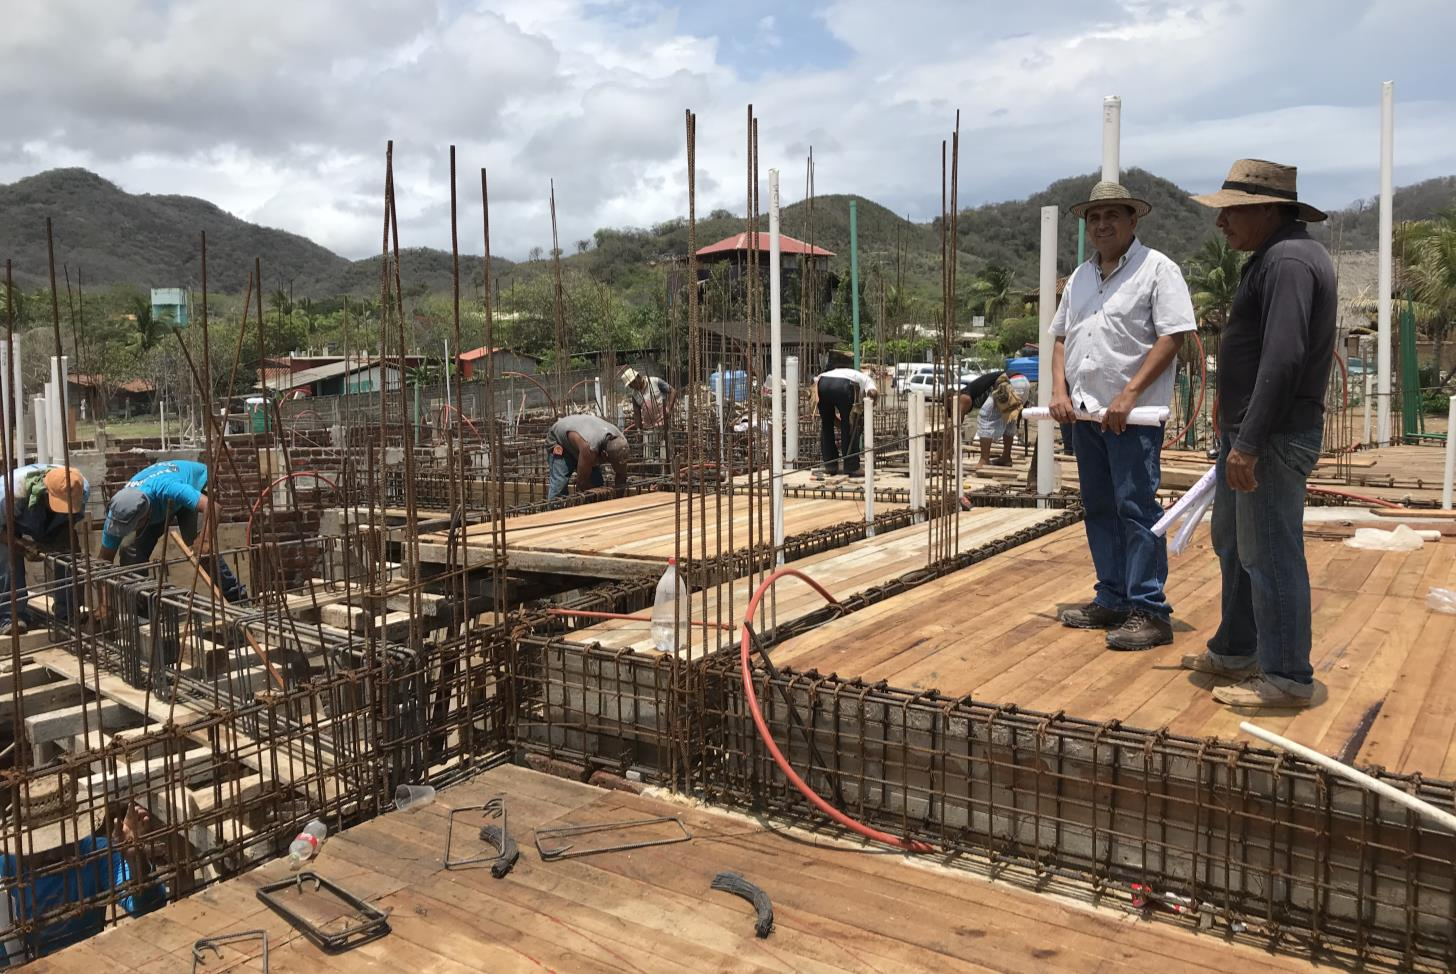 REPORTE-FOTOGRAFICO-PUNTA-MAJAHUA-16-DE-JUNIO-DEL-2018-021.jpg